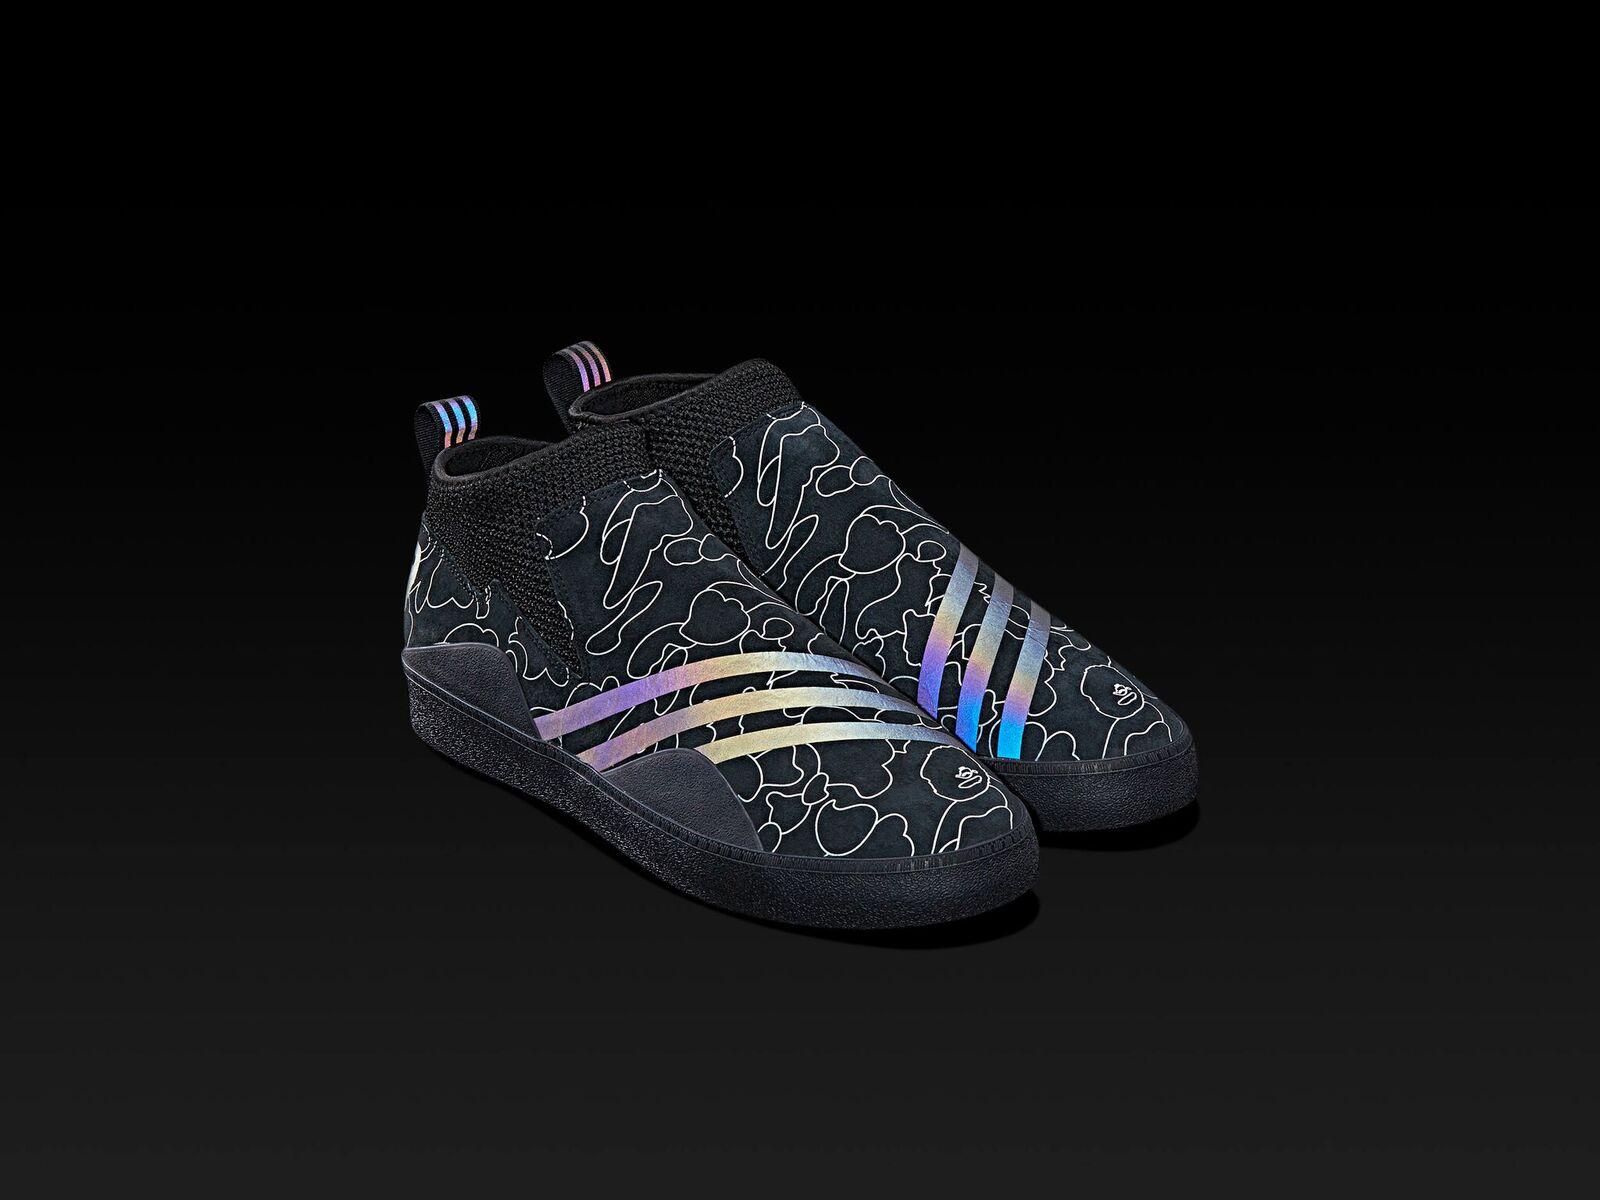 adidas Snowboarding by BAPE se hela kollektionen här | Dopest